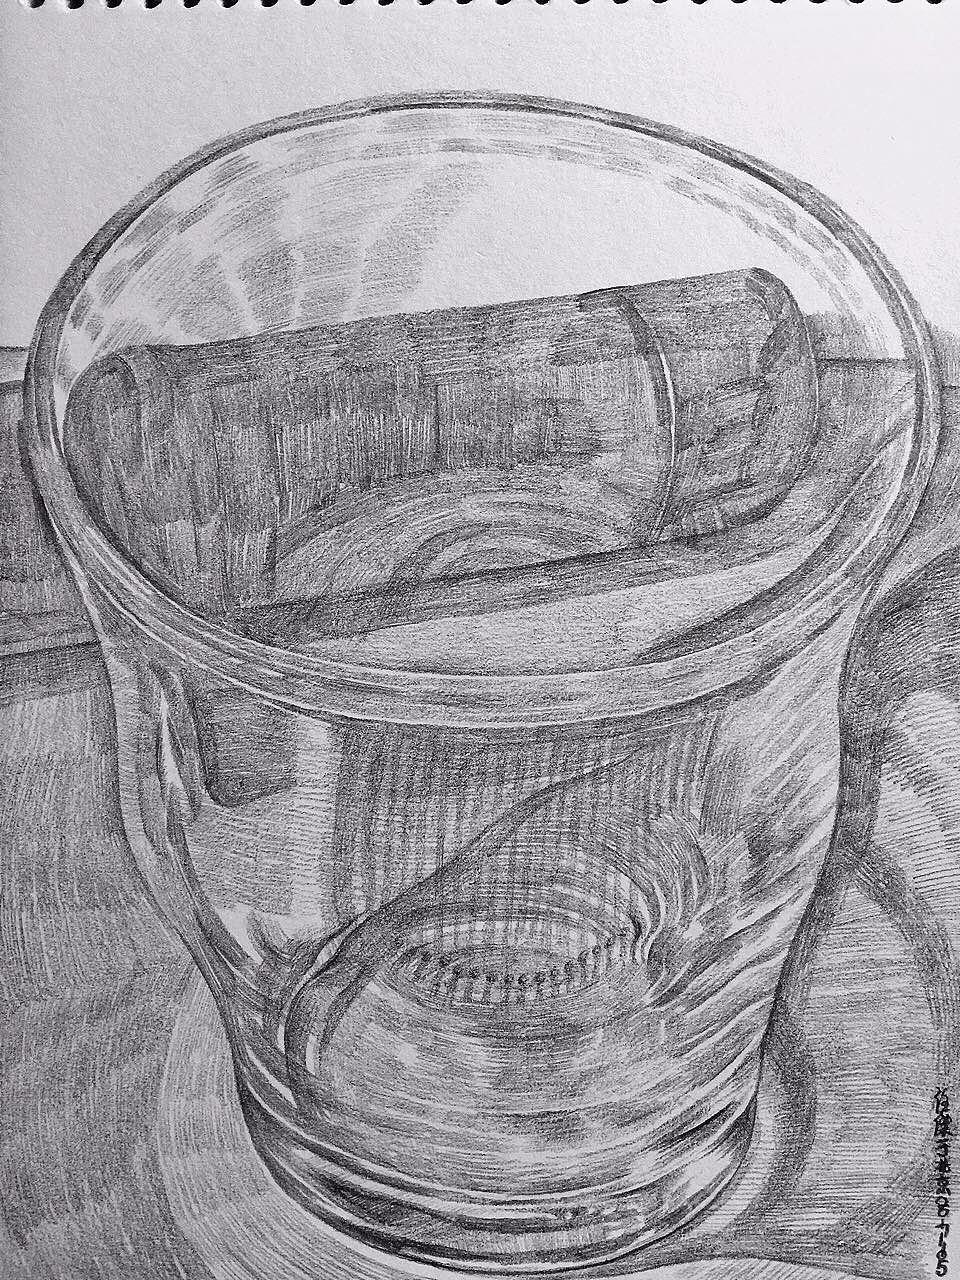 玻璃杯|纯艺术|素描|画自画像的人 - 原创作品 - 站酷图片